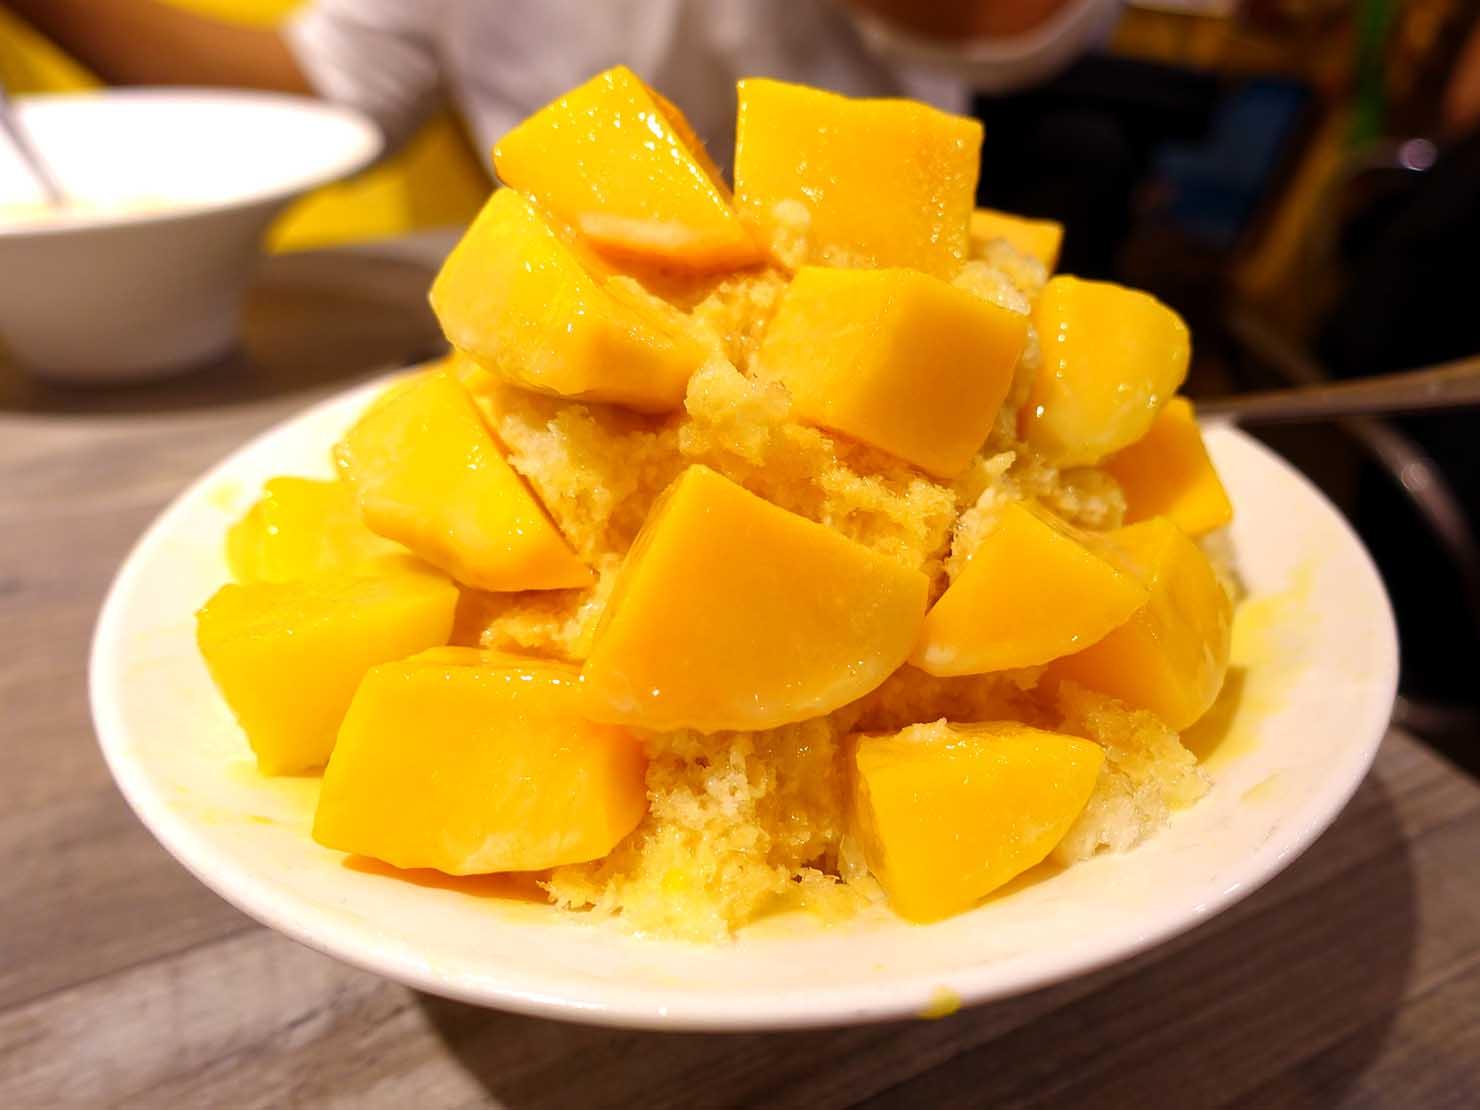 台北・松江南京駅(四平街商圈)周辺のおすすめグルメ店「綠豆蒜啥米」の愛文芒果冰